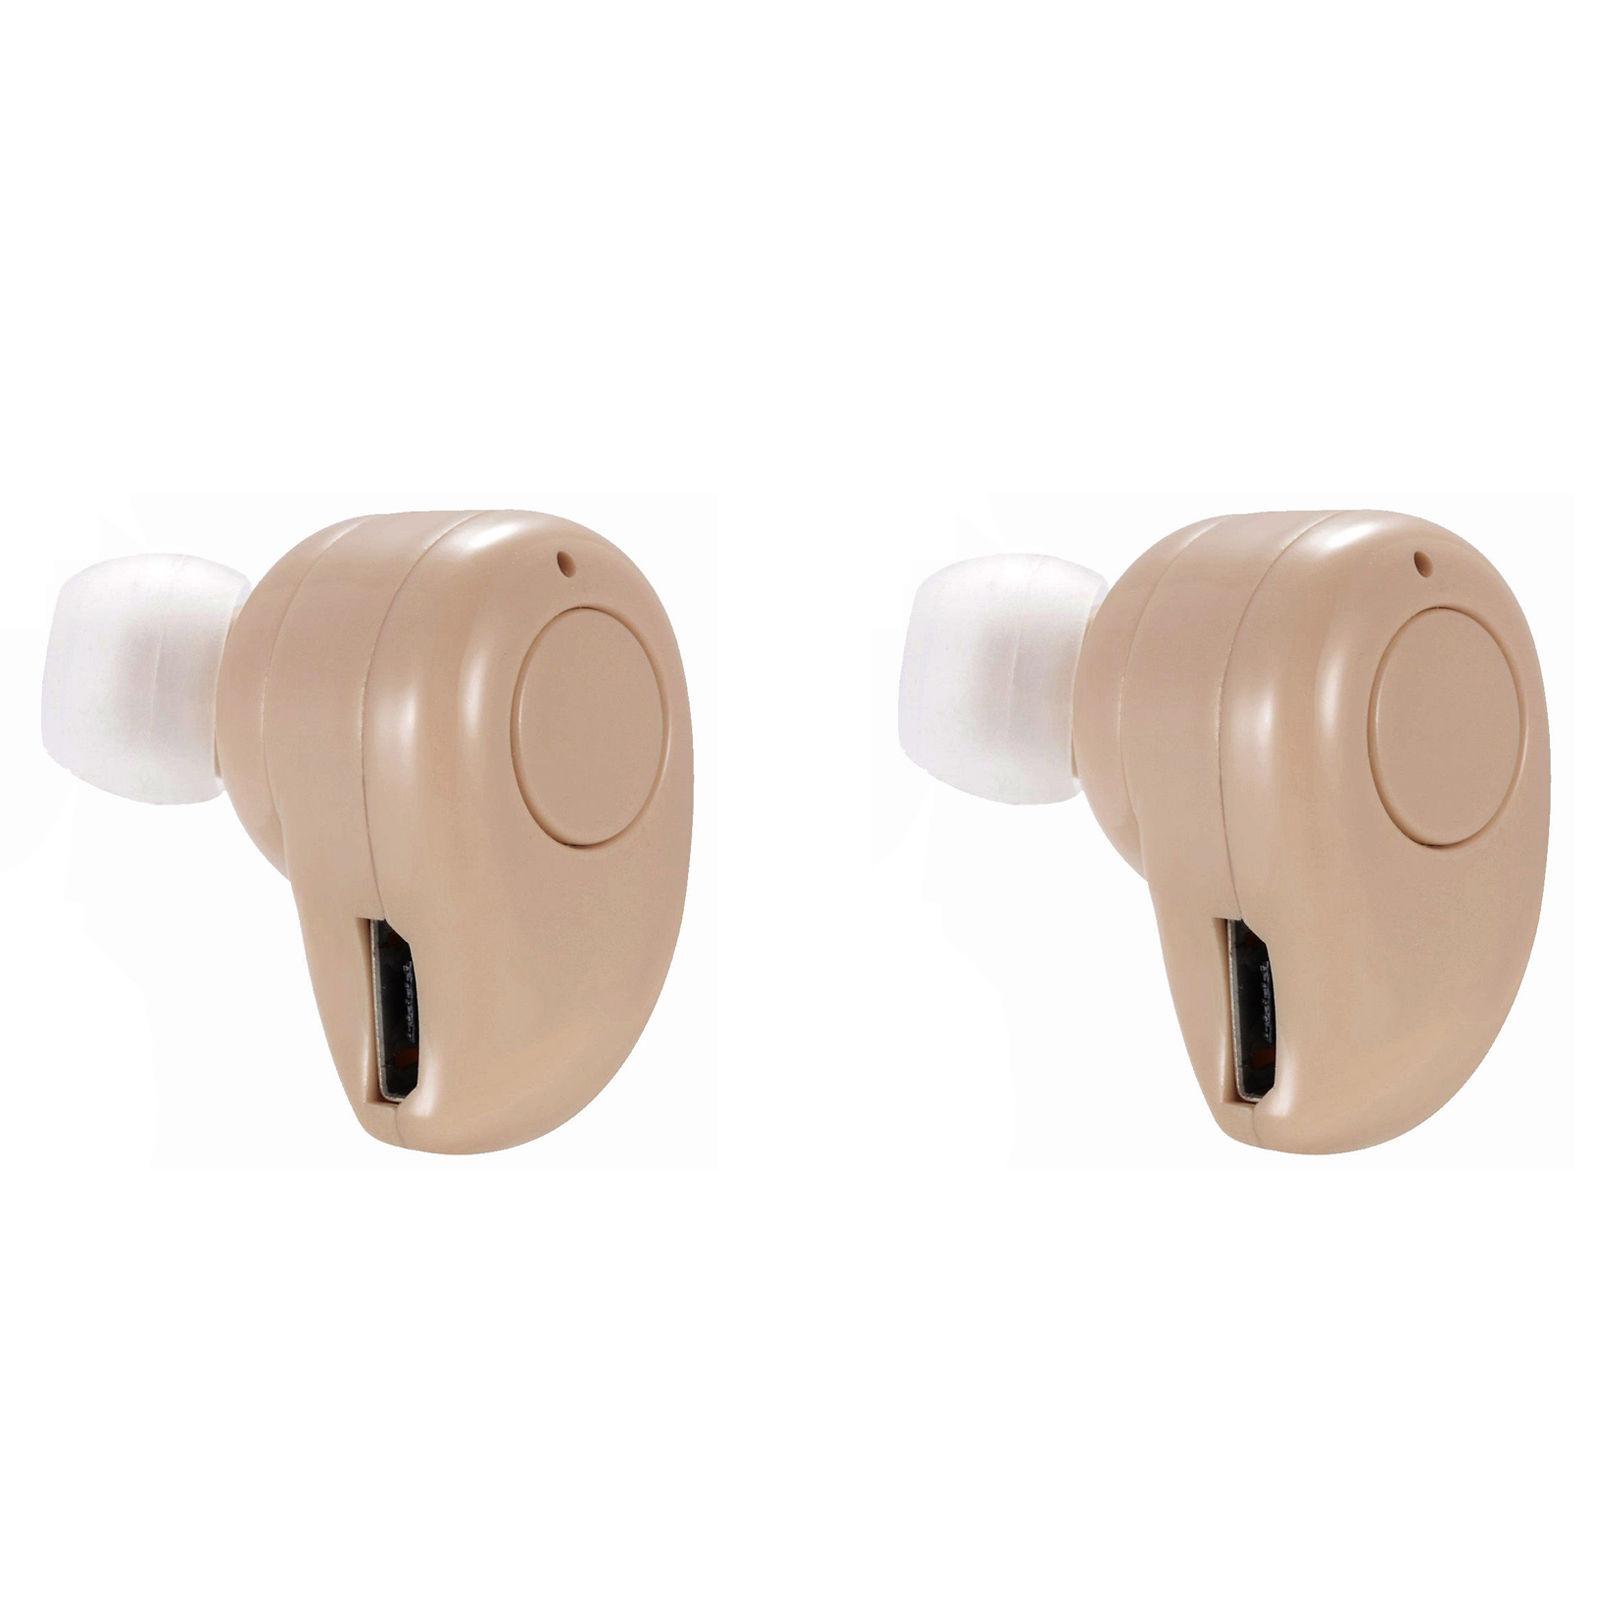 16B5-S530-Plus-Mini-Bluetooth-Wireless-In-ear-Earbud-Stereo-Headphone-Earphone